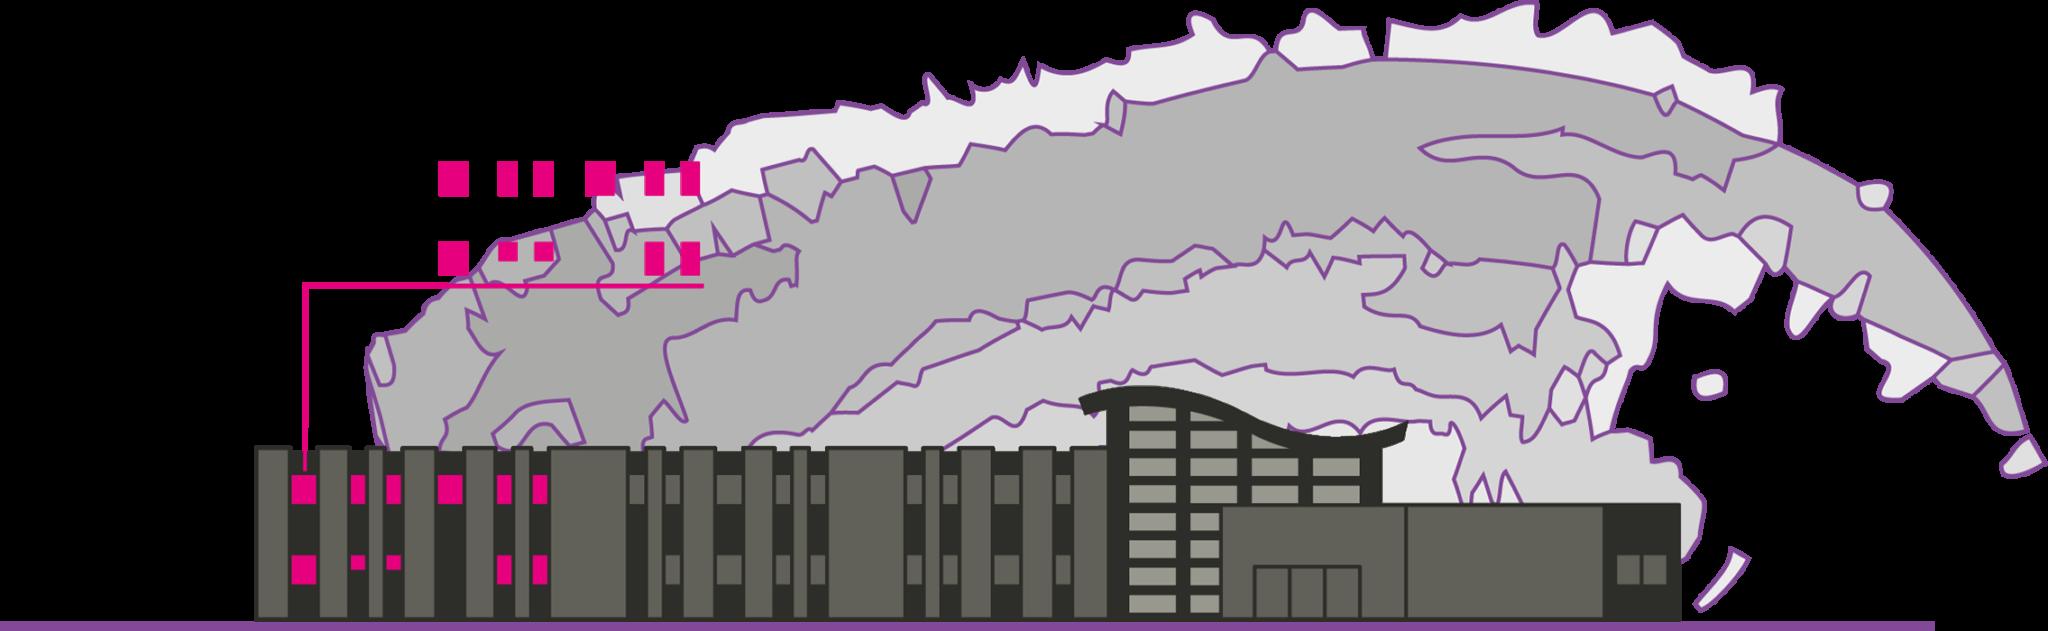 imprimerie industrielle Flugel